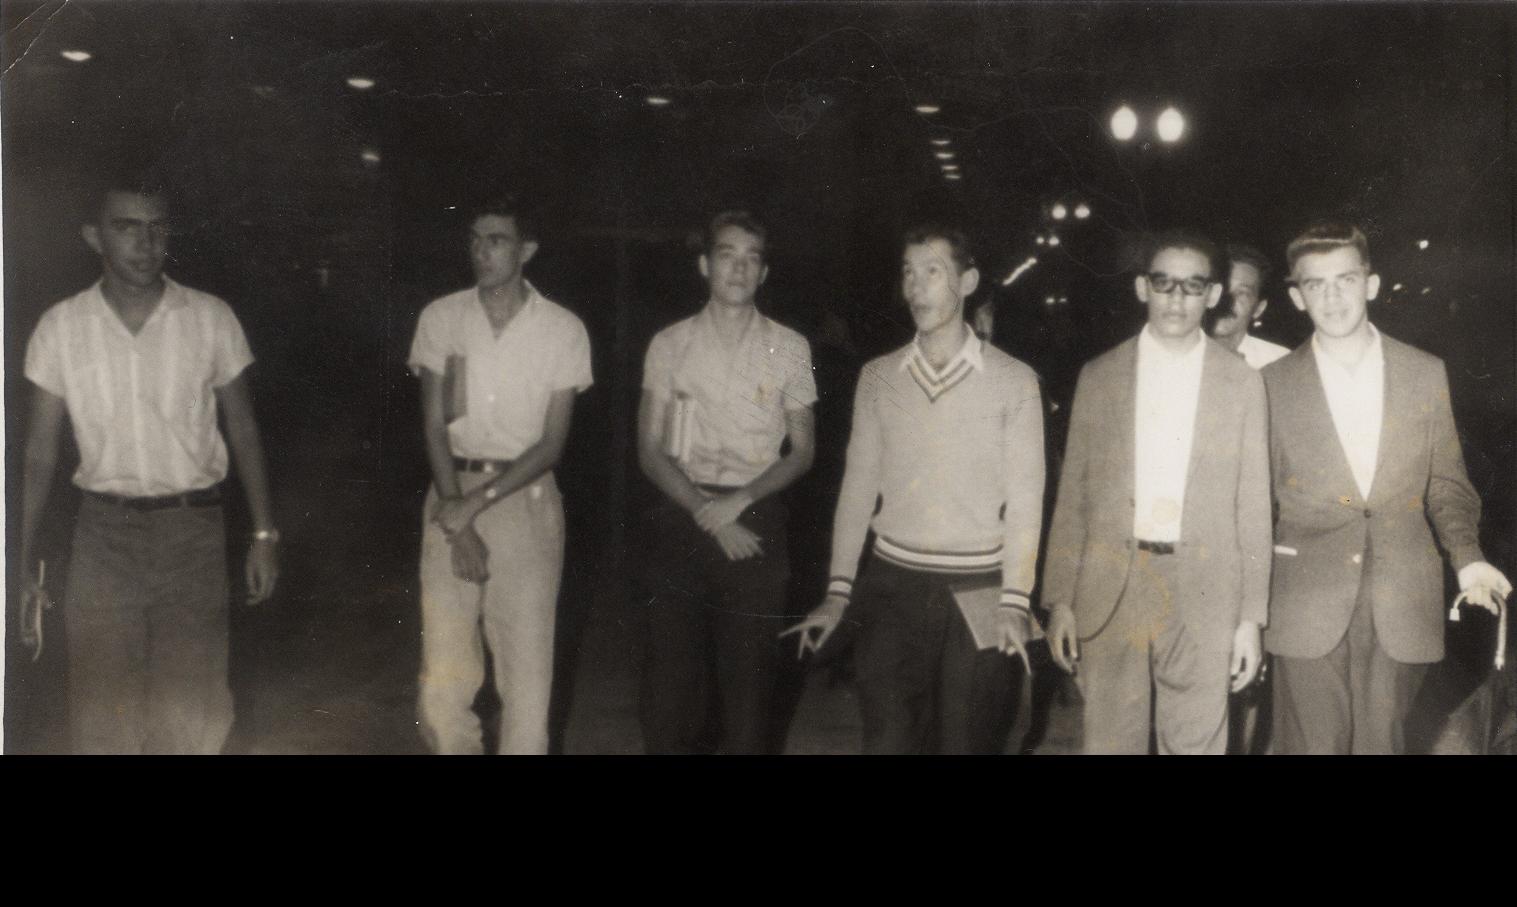 Tomaz (o segundo da direita para a esquerda) na companhia de seus amigos em Belo Horizonte. Ao seu lado esquerdo, está Vilmar Evangelista Faria, que foi assessor especial da presidência da República no governo FHC. Arquivo pessoal